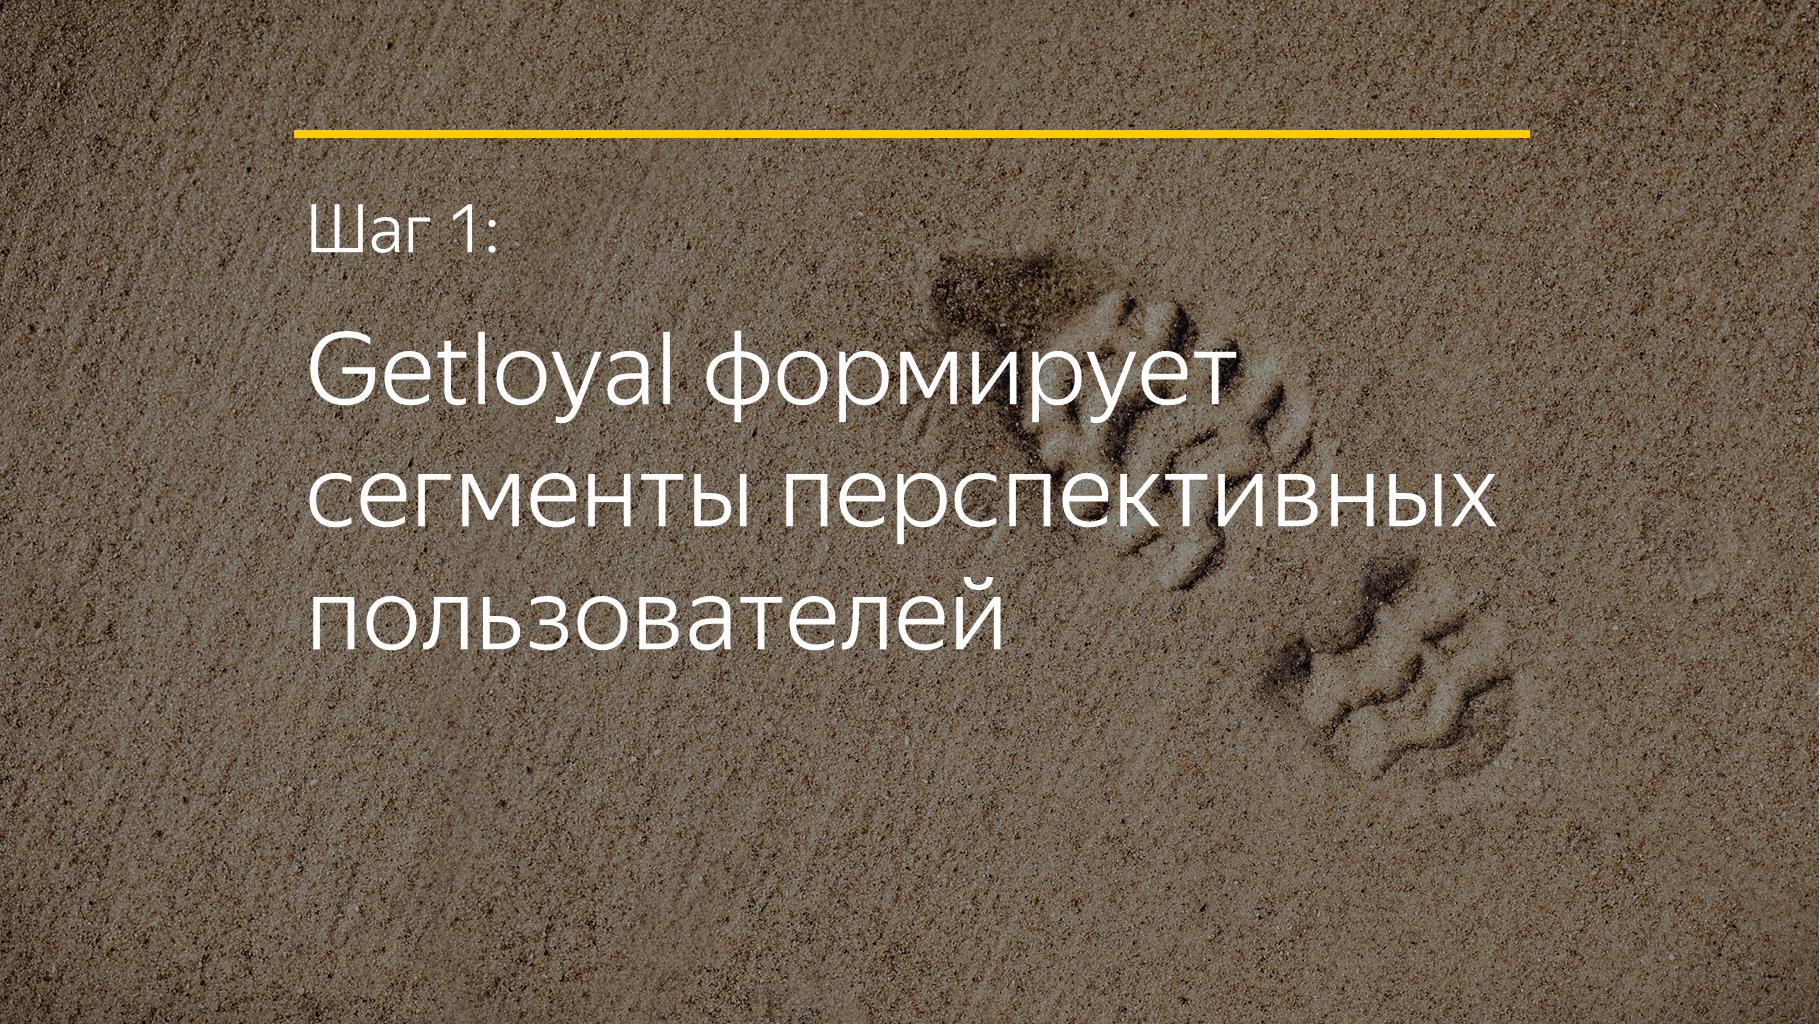 Шаг 1: Getloyal формирует сегменты перспективных пользователей